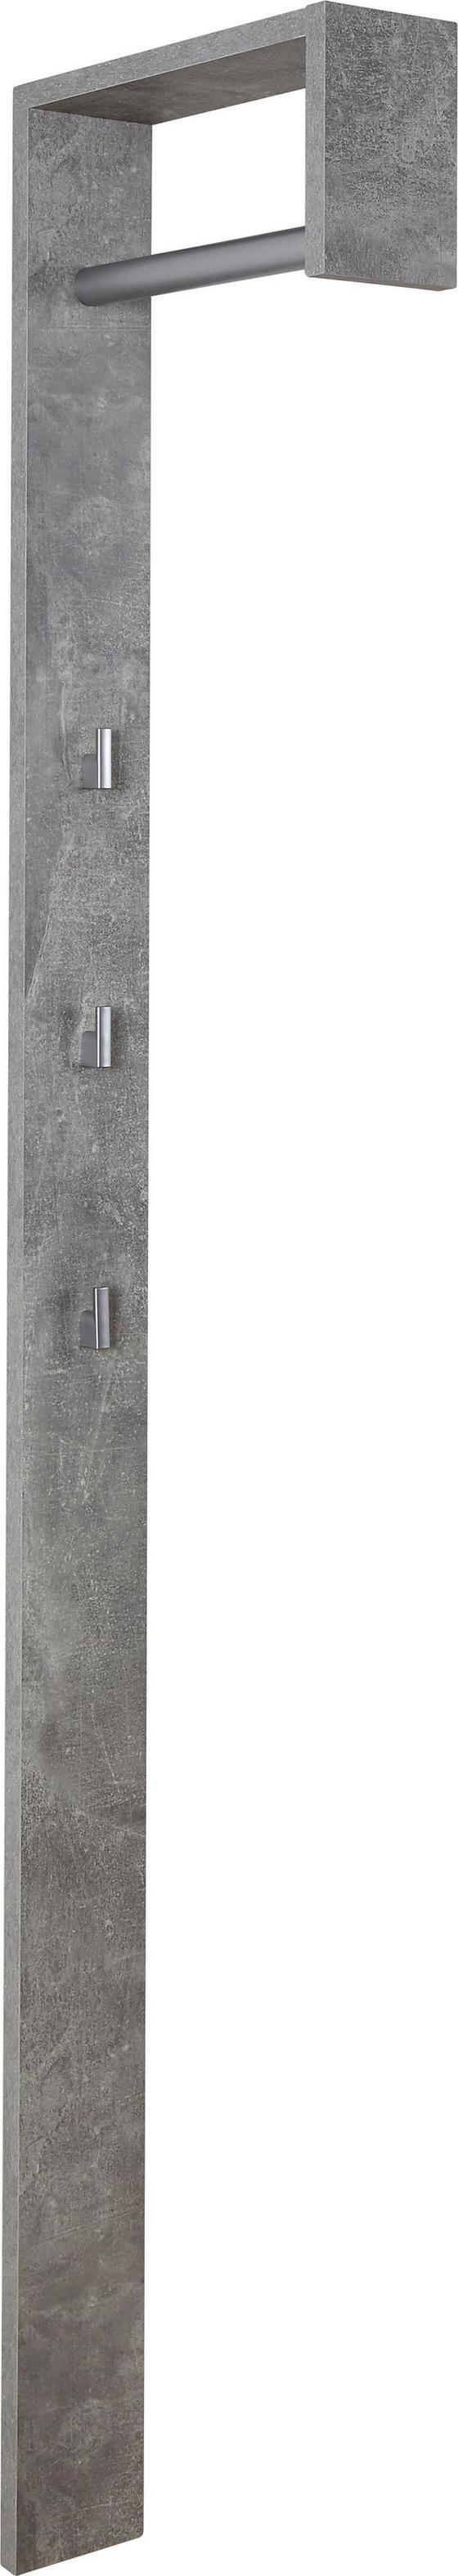 Šatní Panel Senex *cenový Trhák* - šedá, Moderní, dřevo (10/170/33cm)